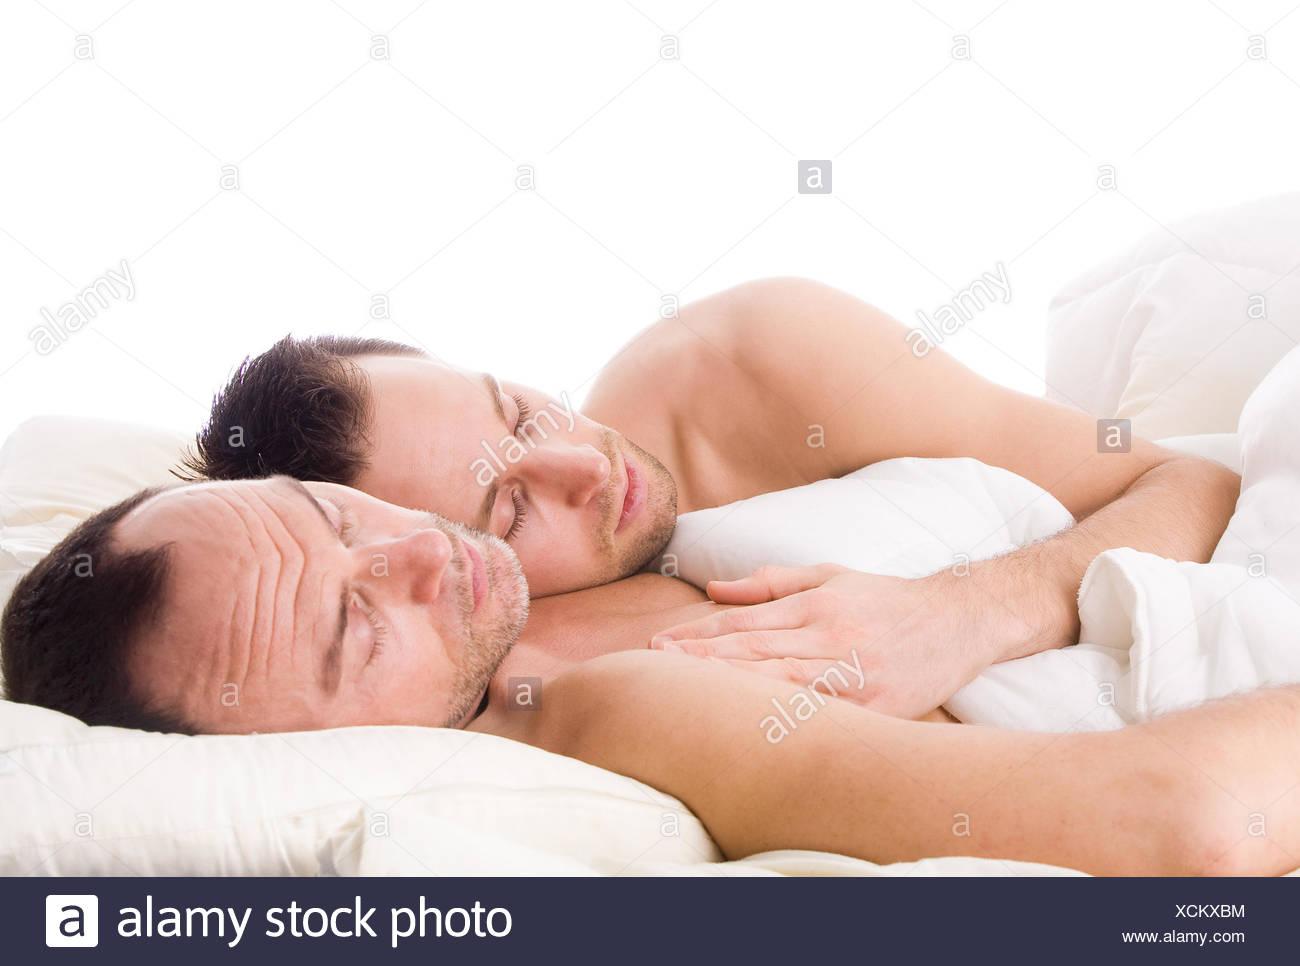 mit schwulem freund geschlafen